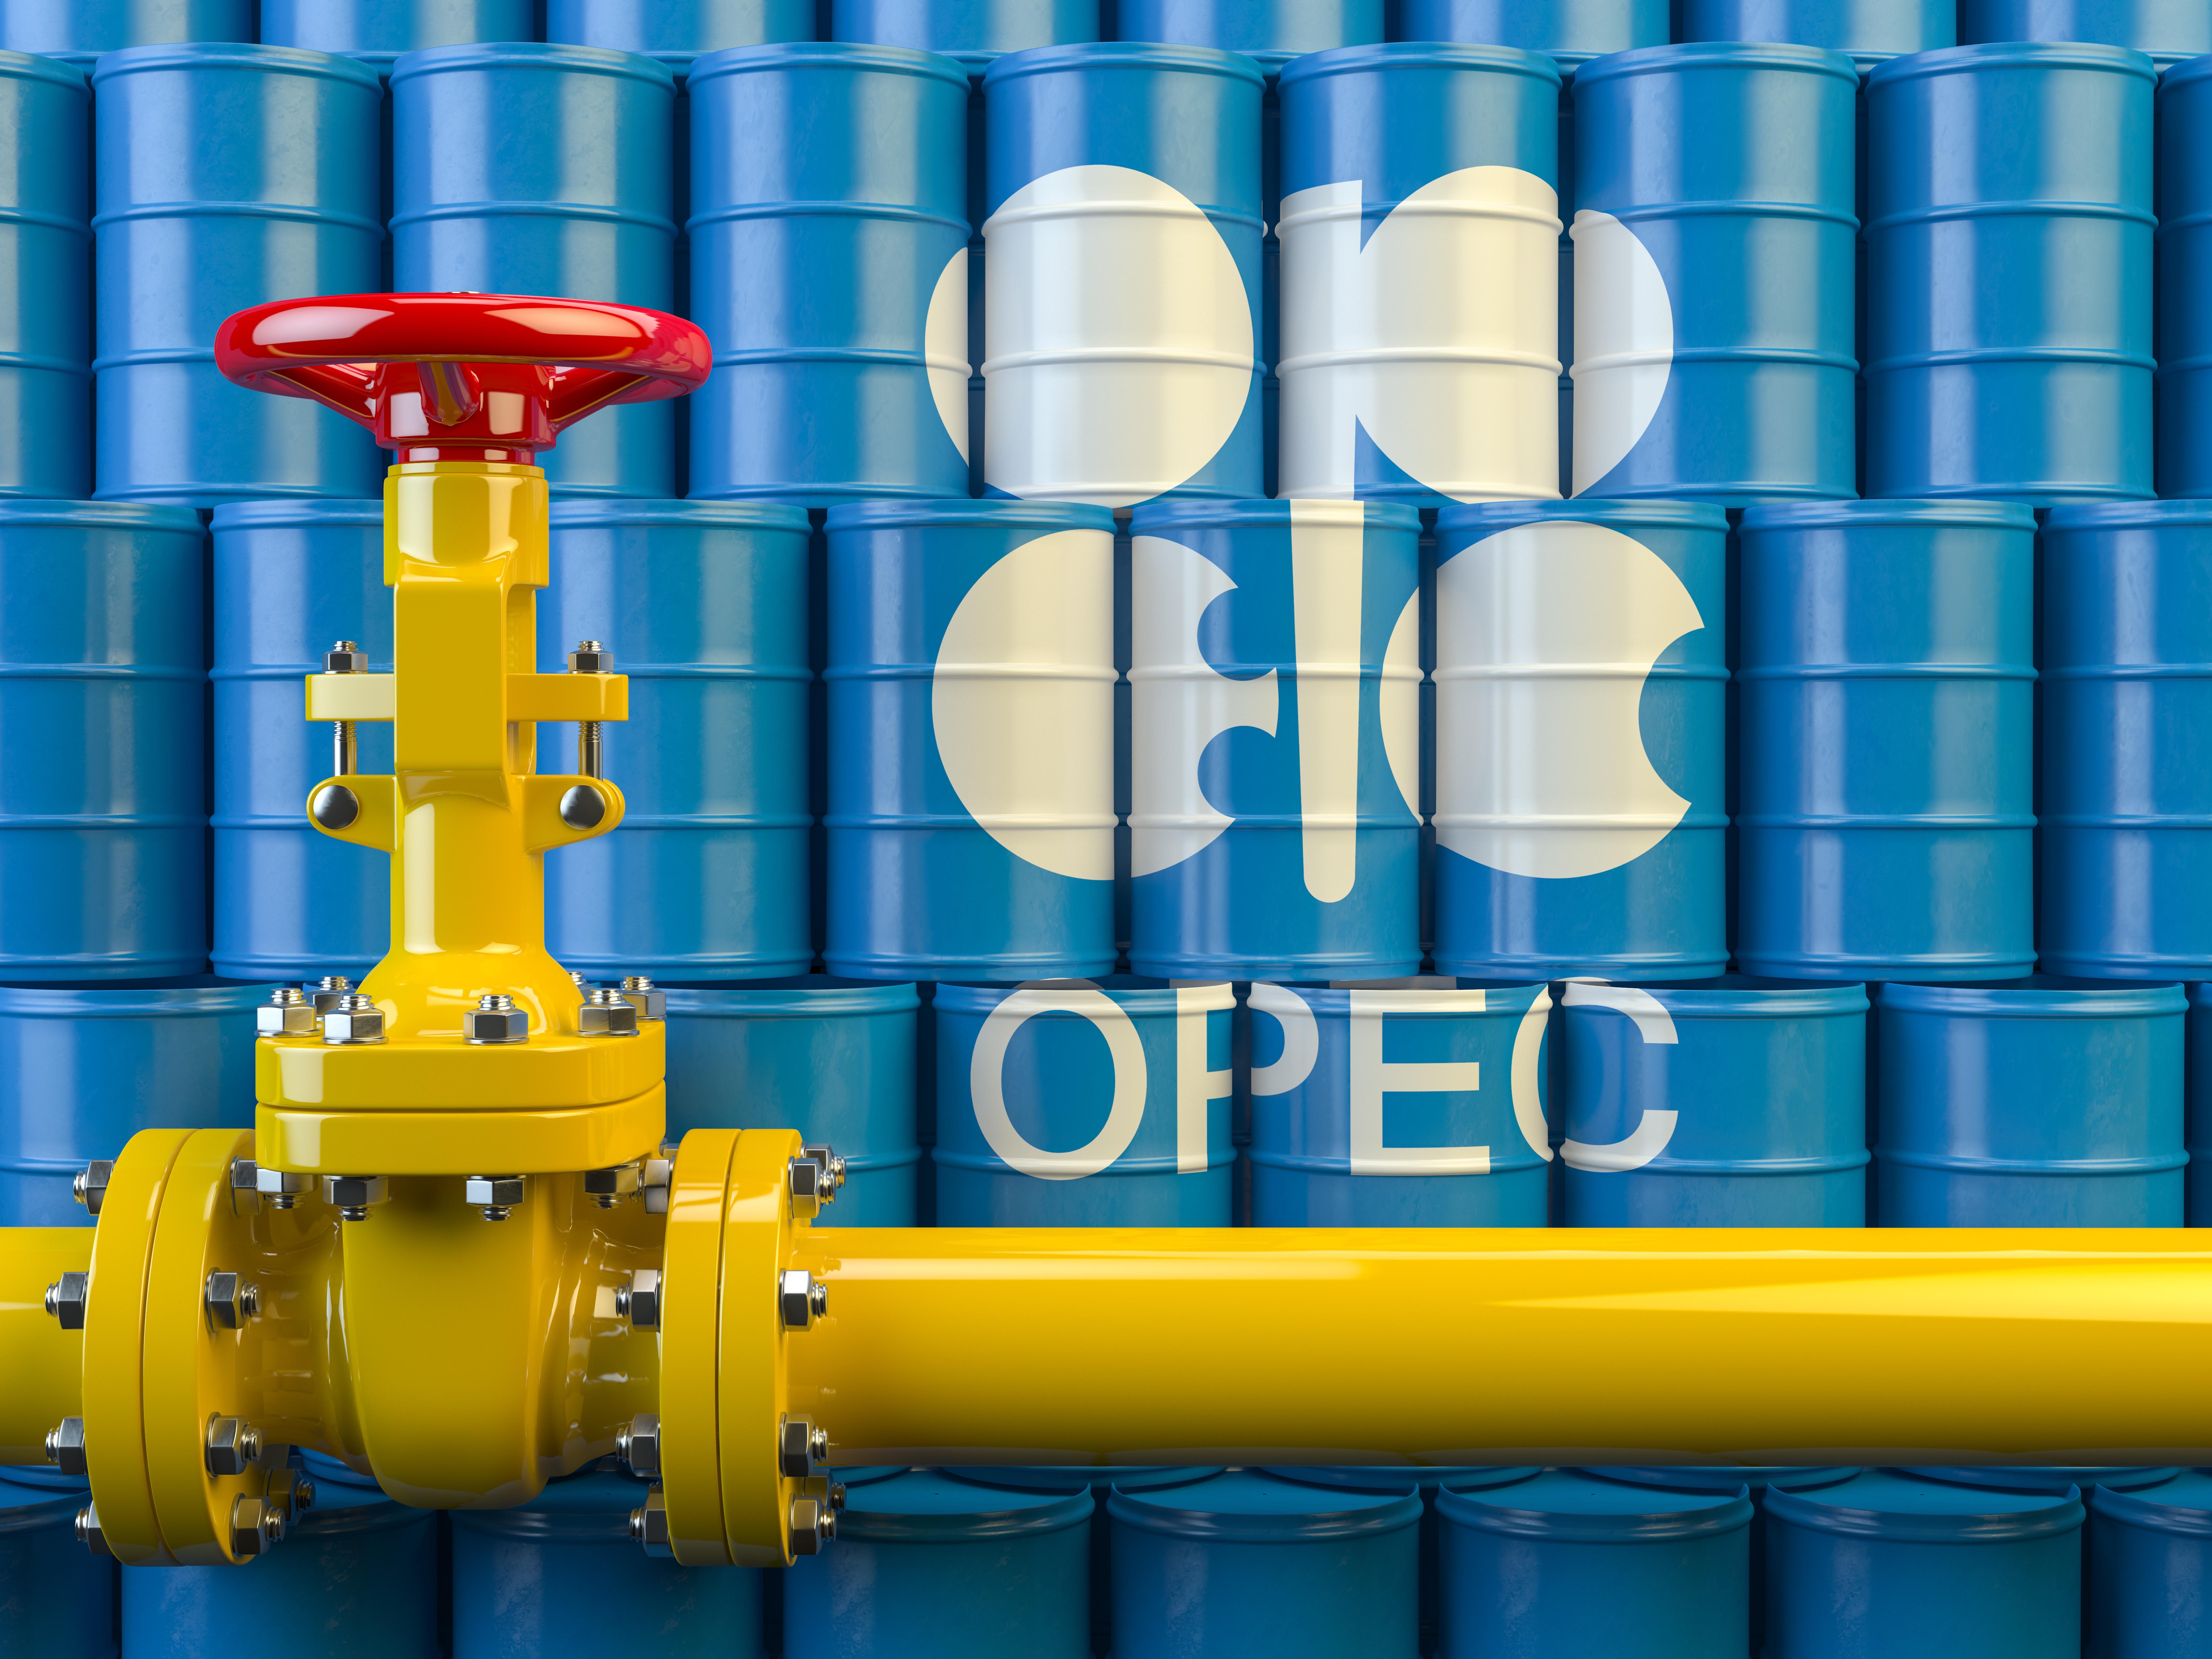 OPEC. Shutterstock